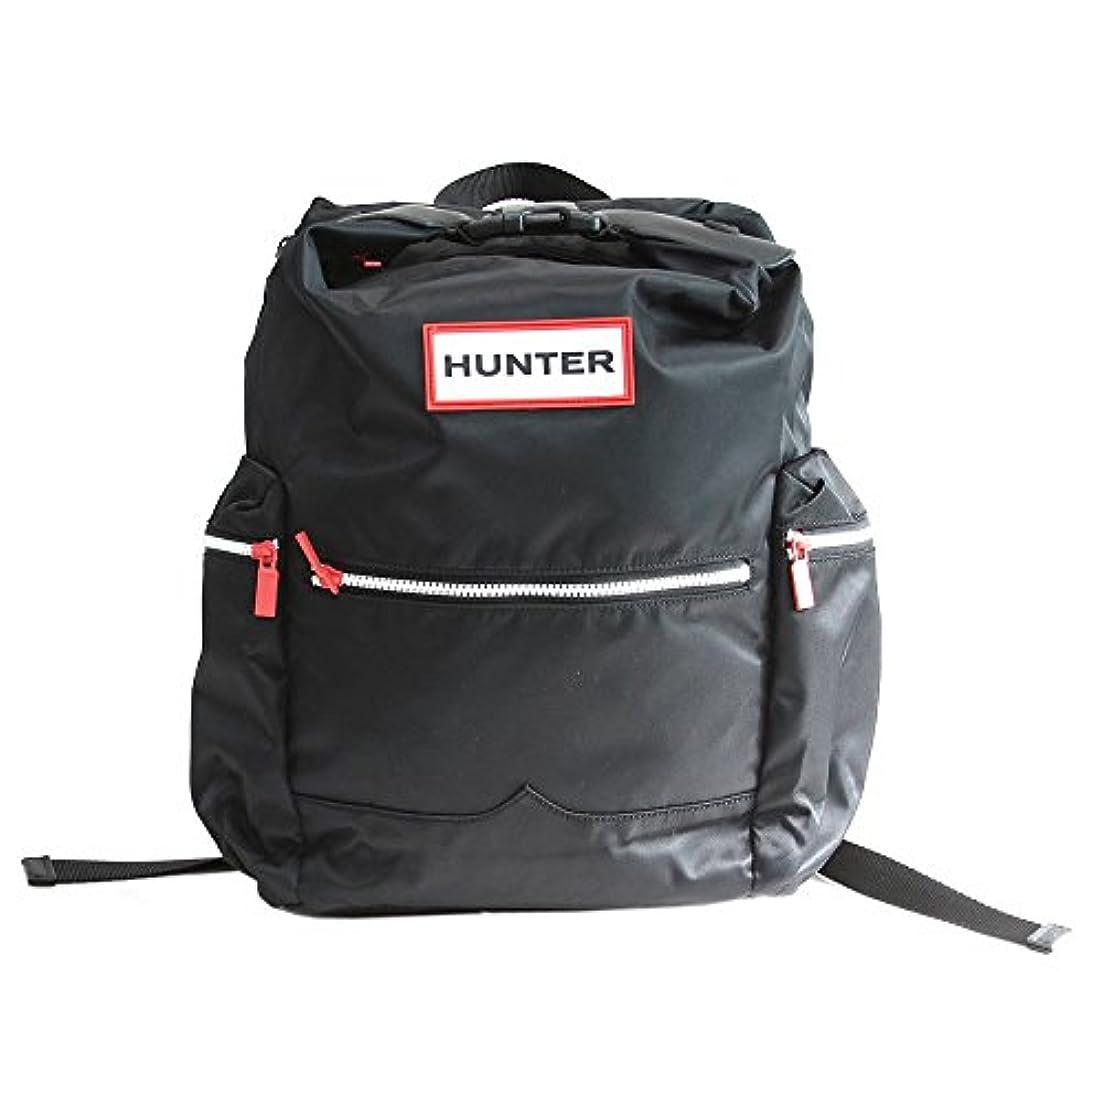 教出血緊張する[ハンター] HUNTER リュックサック ORIGINAL BACKPACK UBB6017ACD BLK BLACK ブラック [並行輸入品]